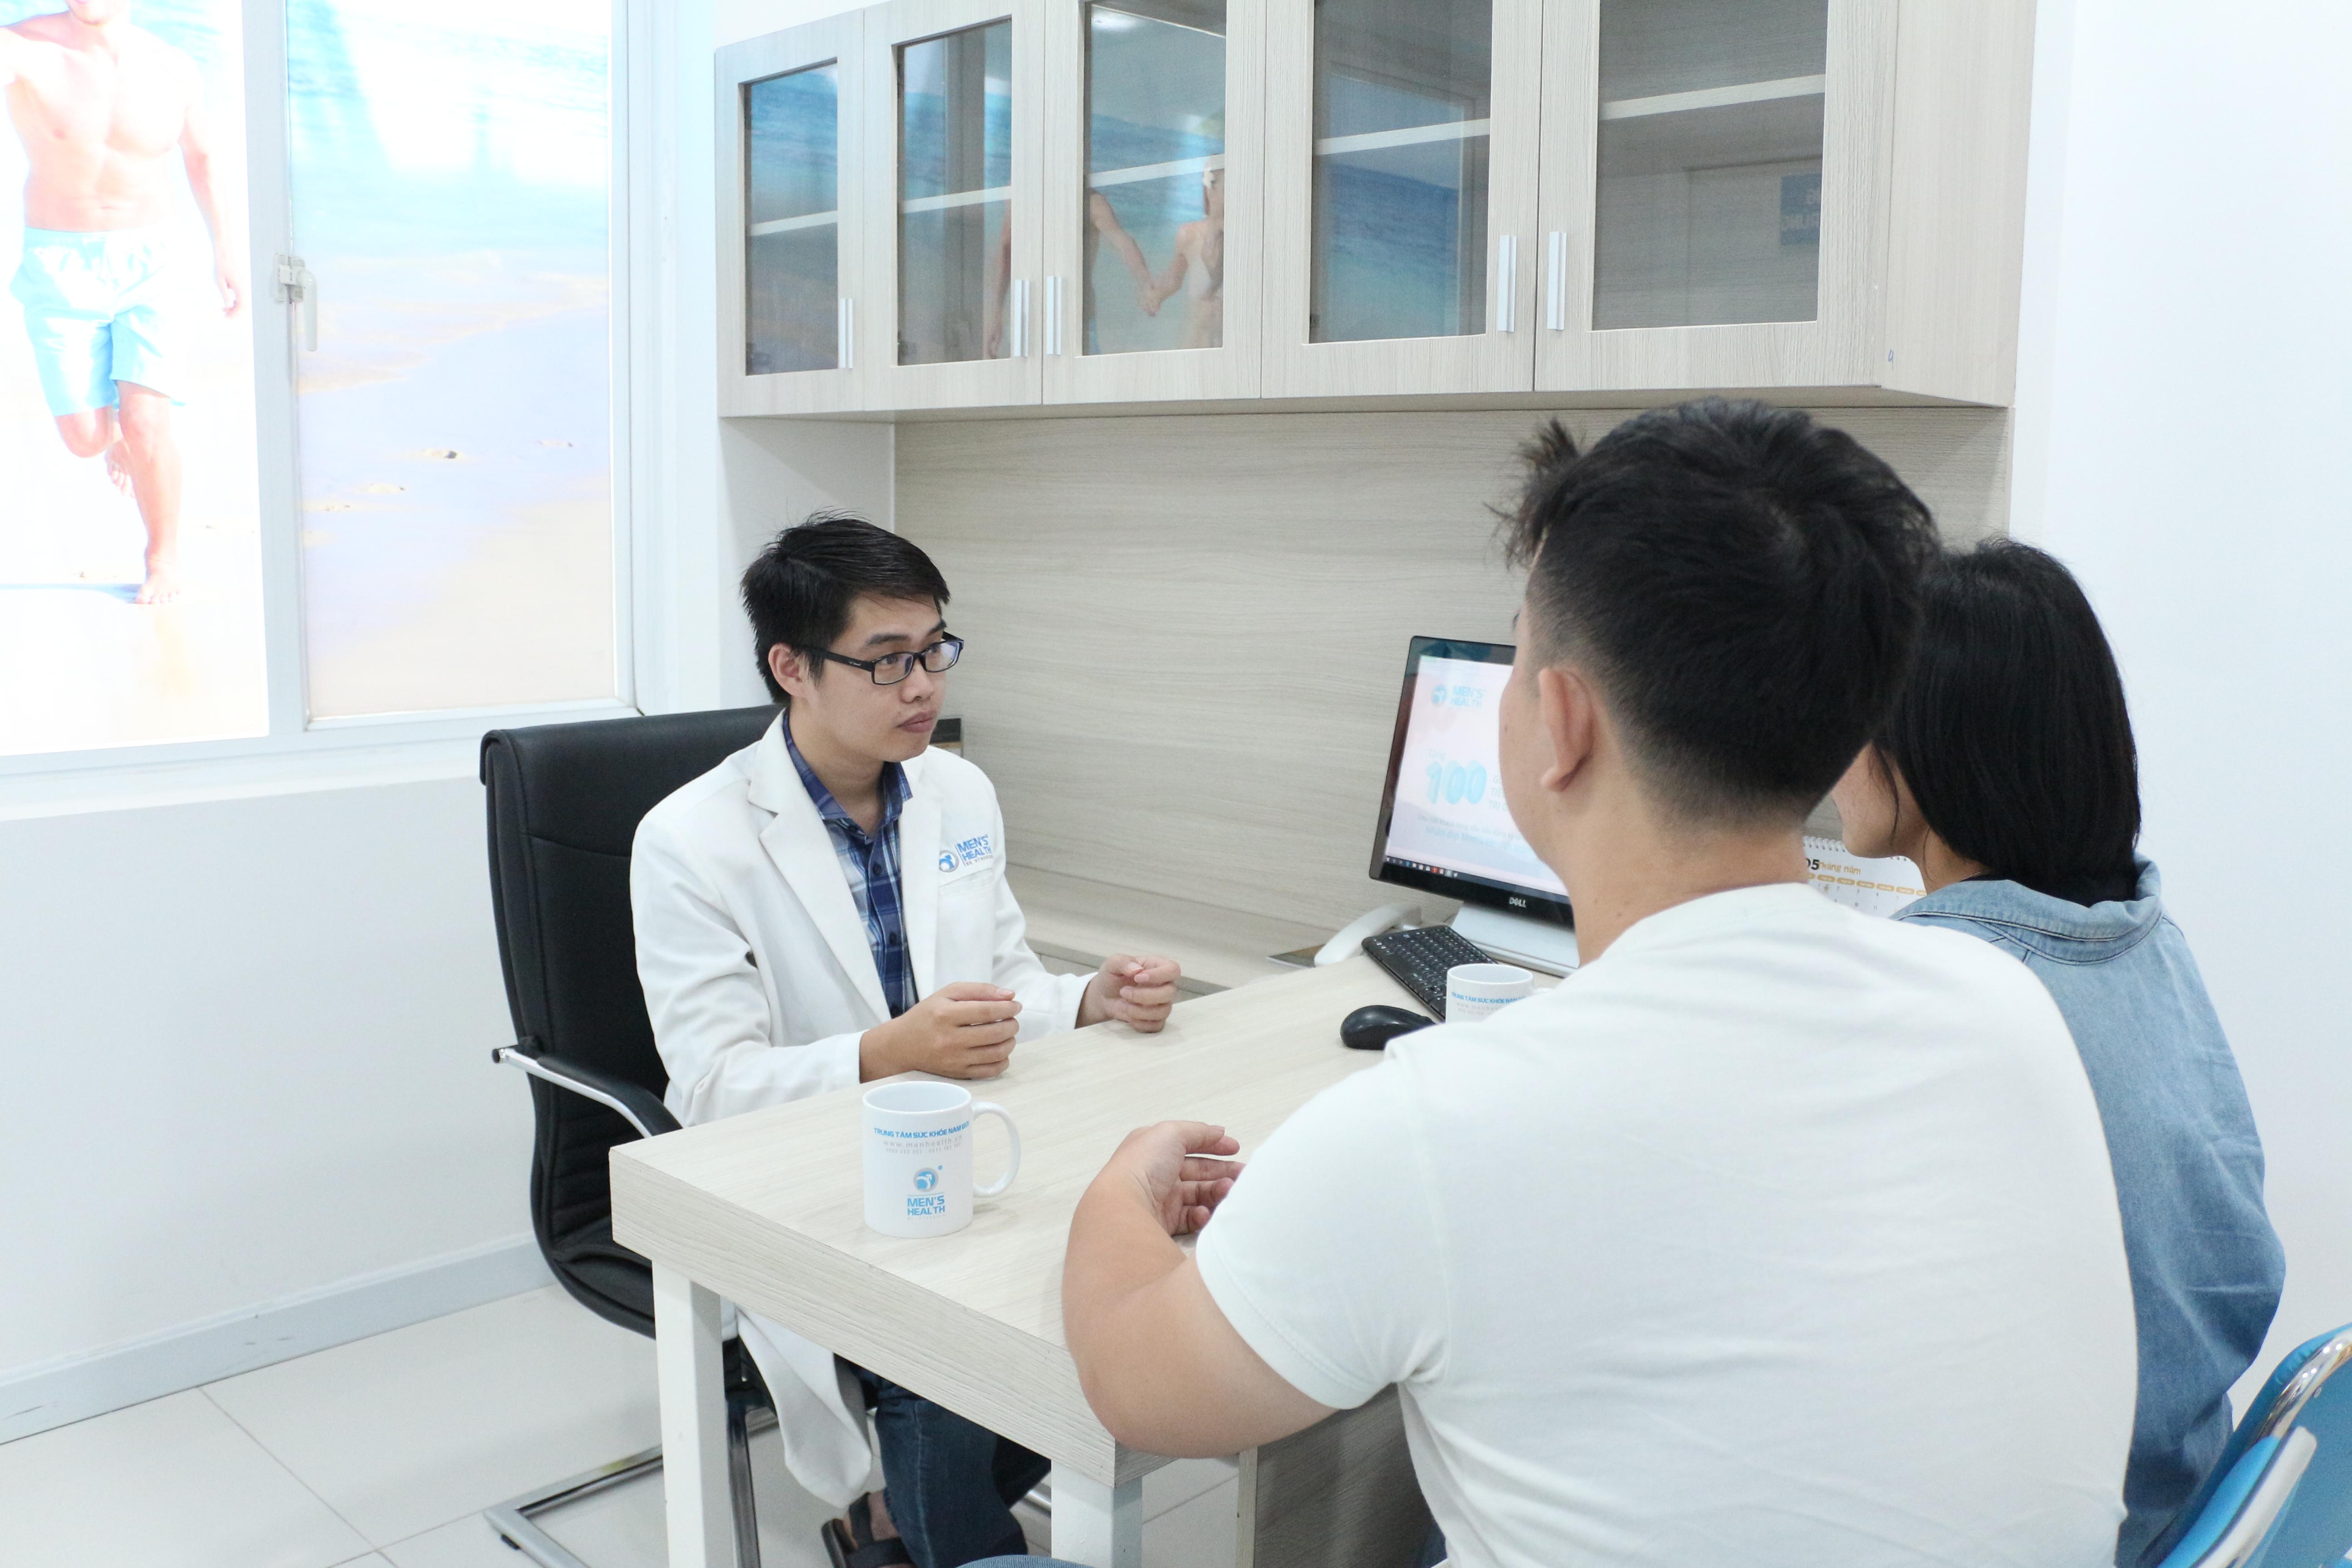 rối loạn xuất tinh ở nam giới là dấu hiệu của các bệnh như: xuất tinh sớm, xuất tinh muộn và xuất tinh ngược dòng